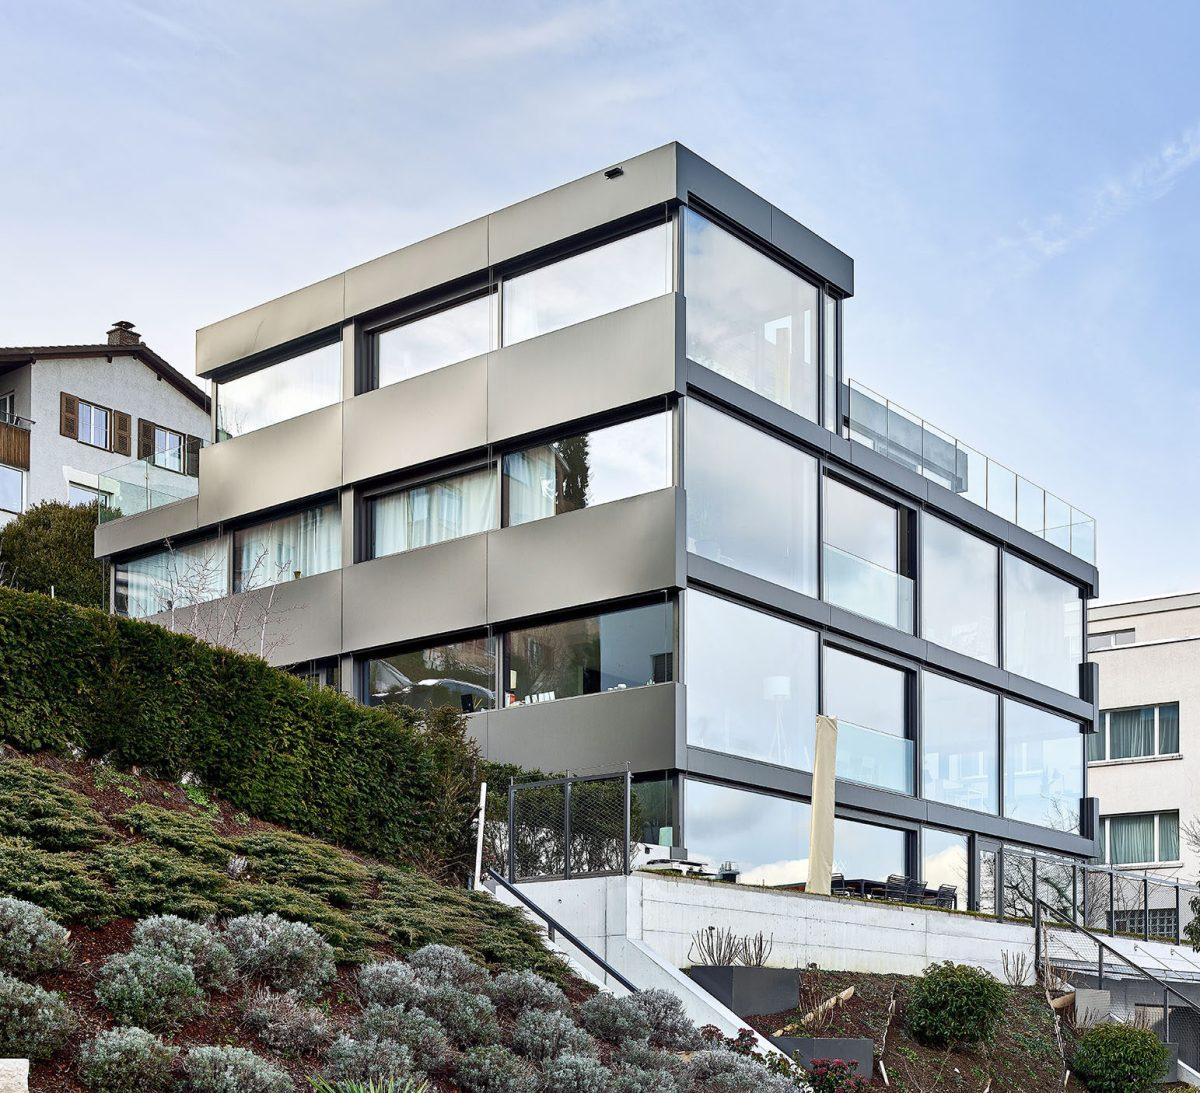 Synfnity Kilchberg, Haus aus Glas, Fassadenlösung von 4B